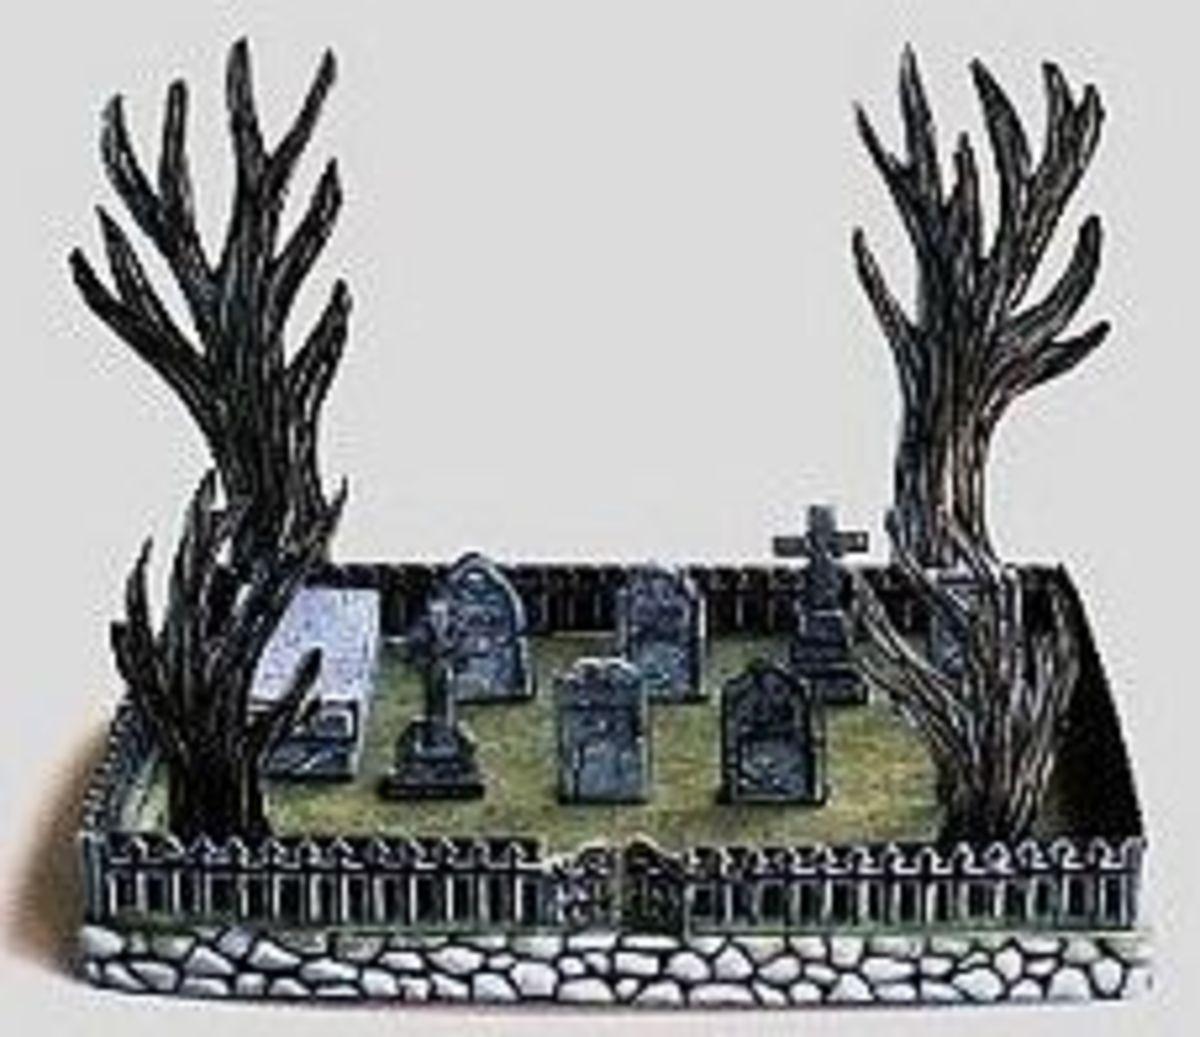 'The Hidden Cemetery' Paper Model @ Ravensblight